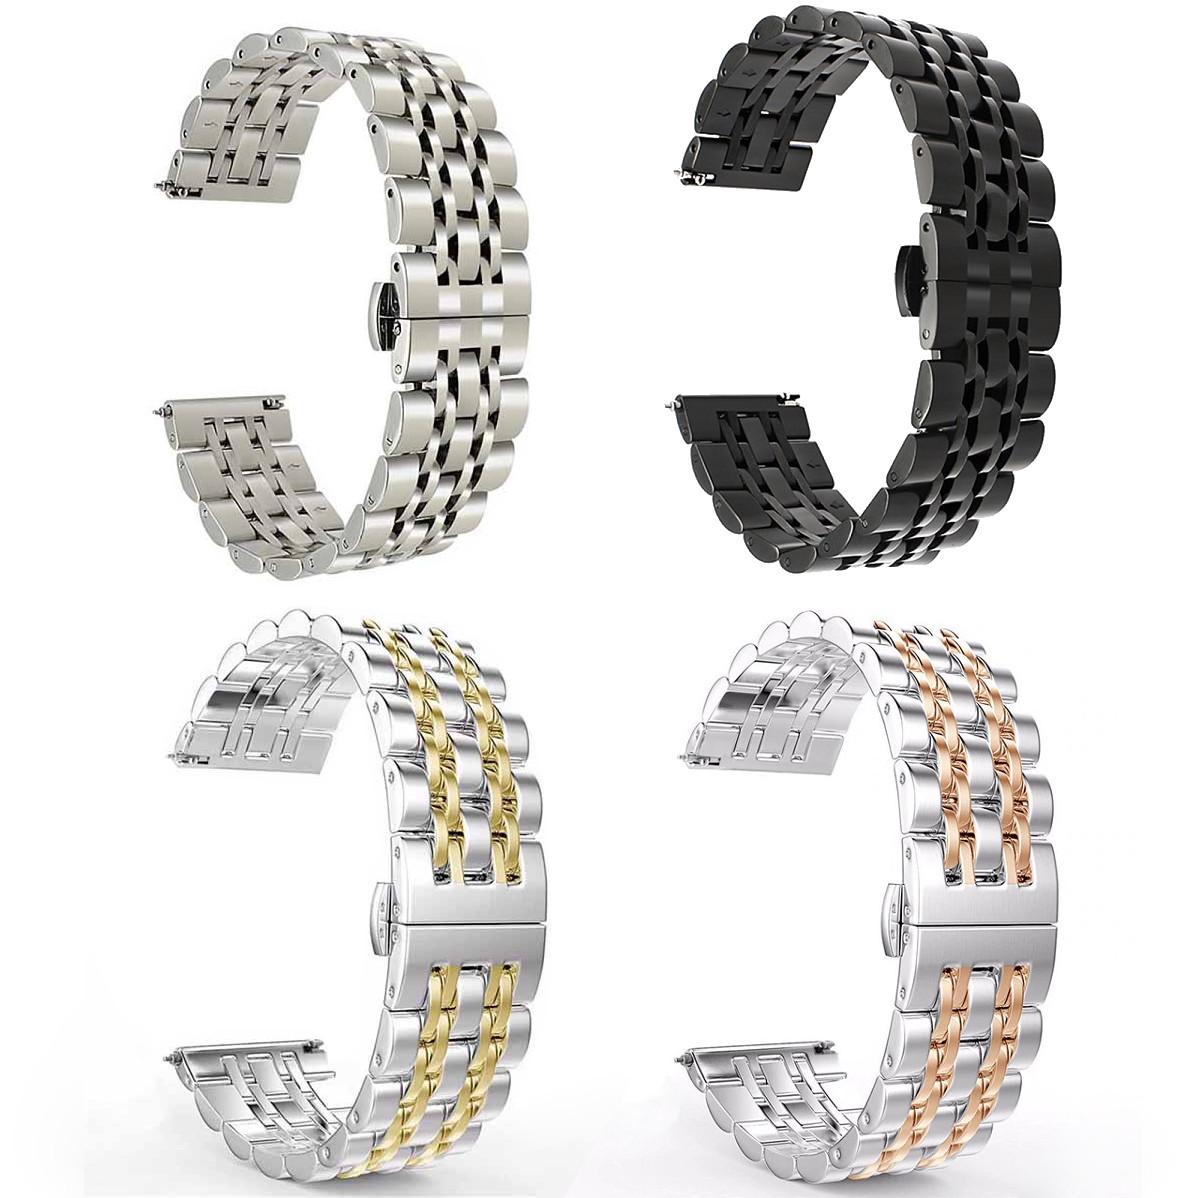 Ремешок из прочной нержавеющей стали для часов Samsung Galaxy Watch Active 2 40mm 20 мм